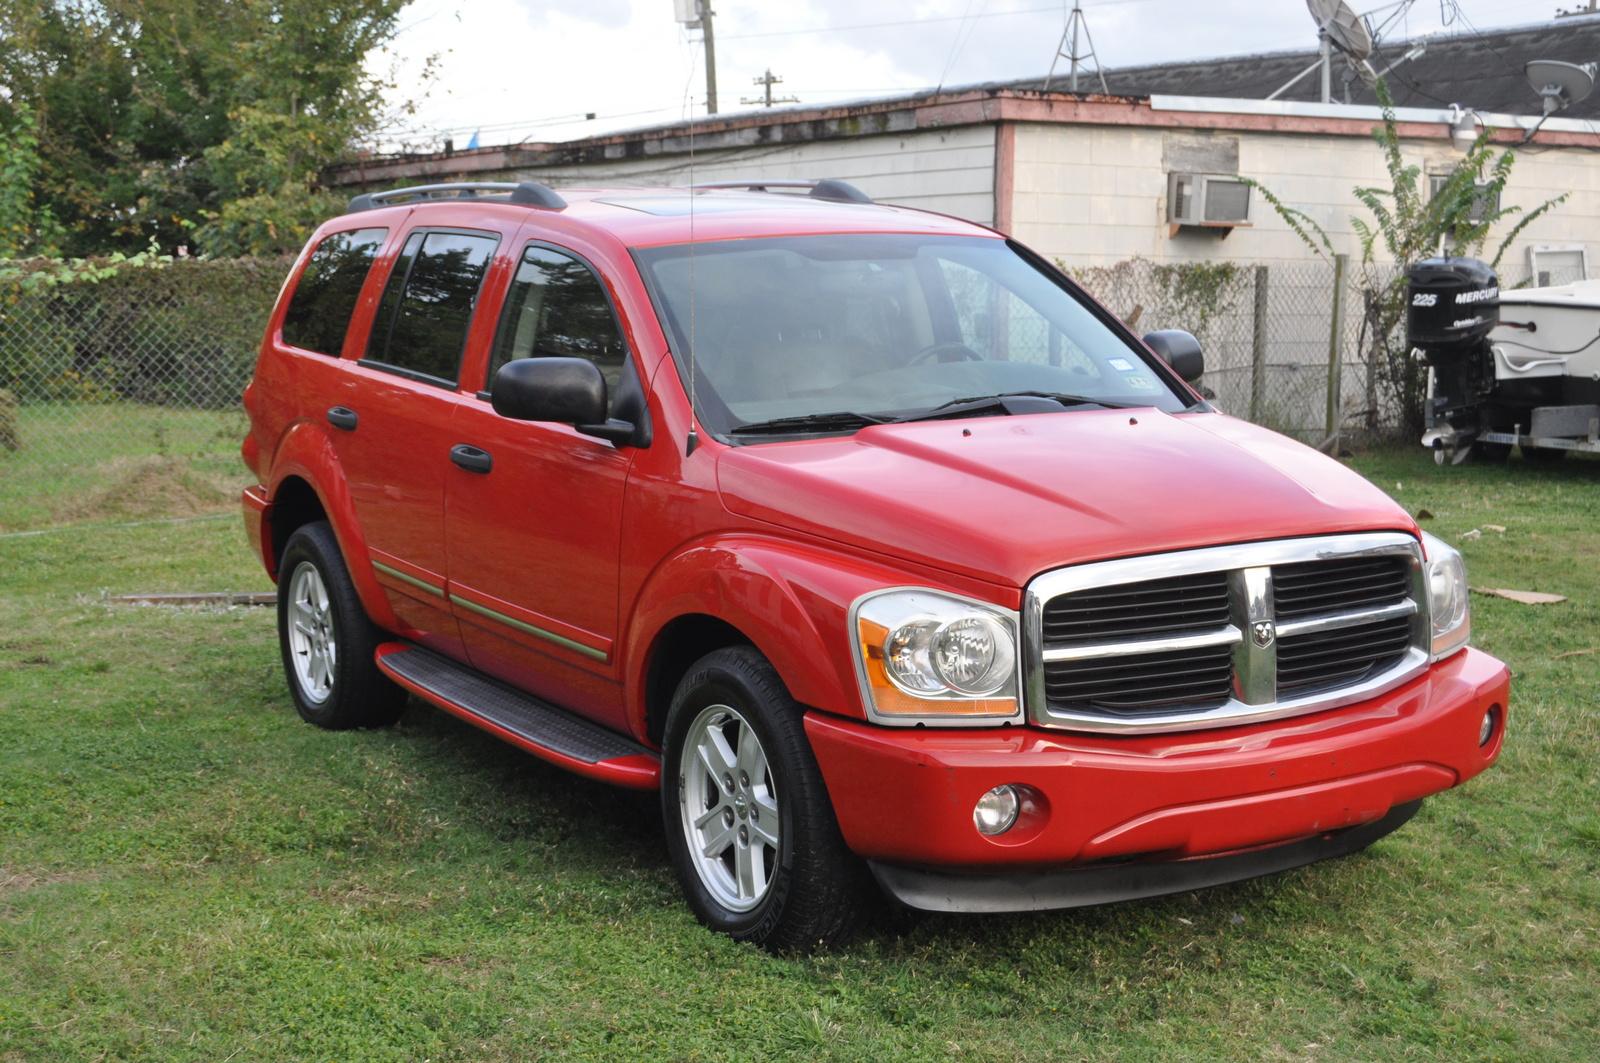 2006 Dodge Durango Pictures Cargurus